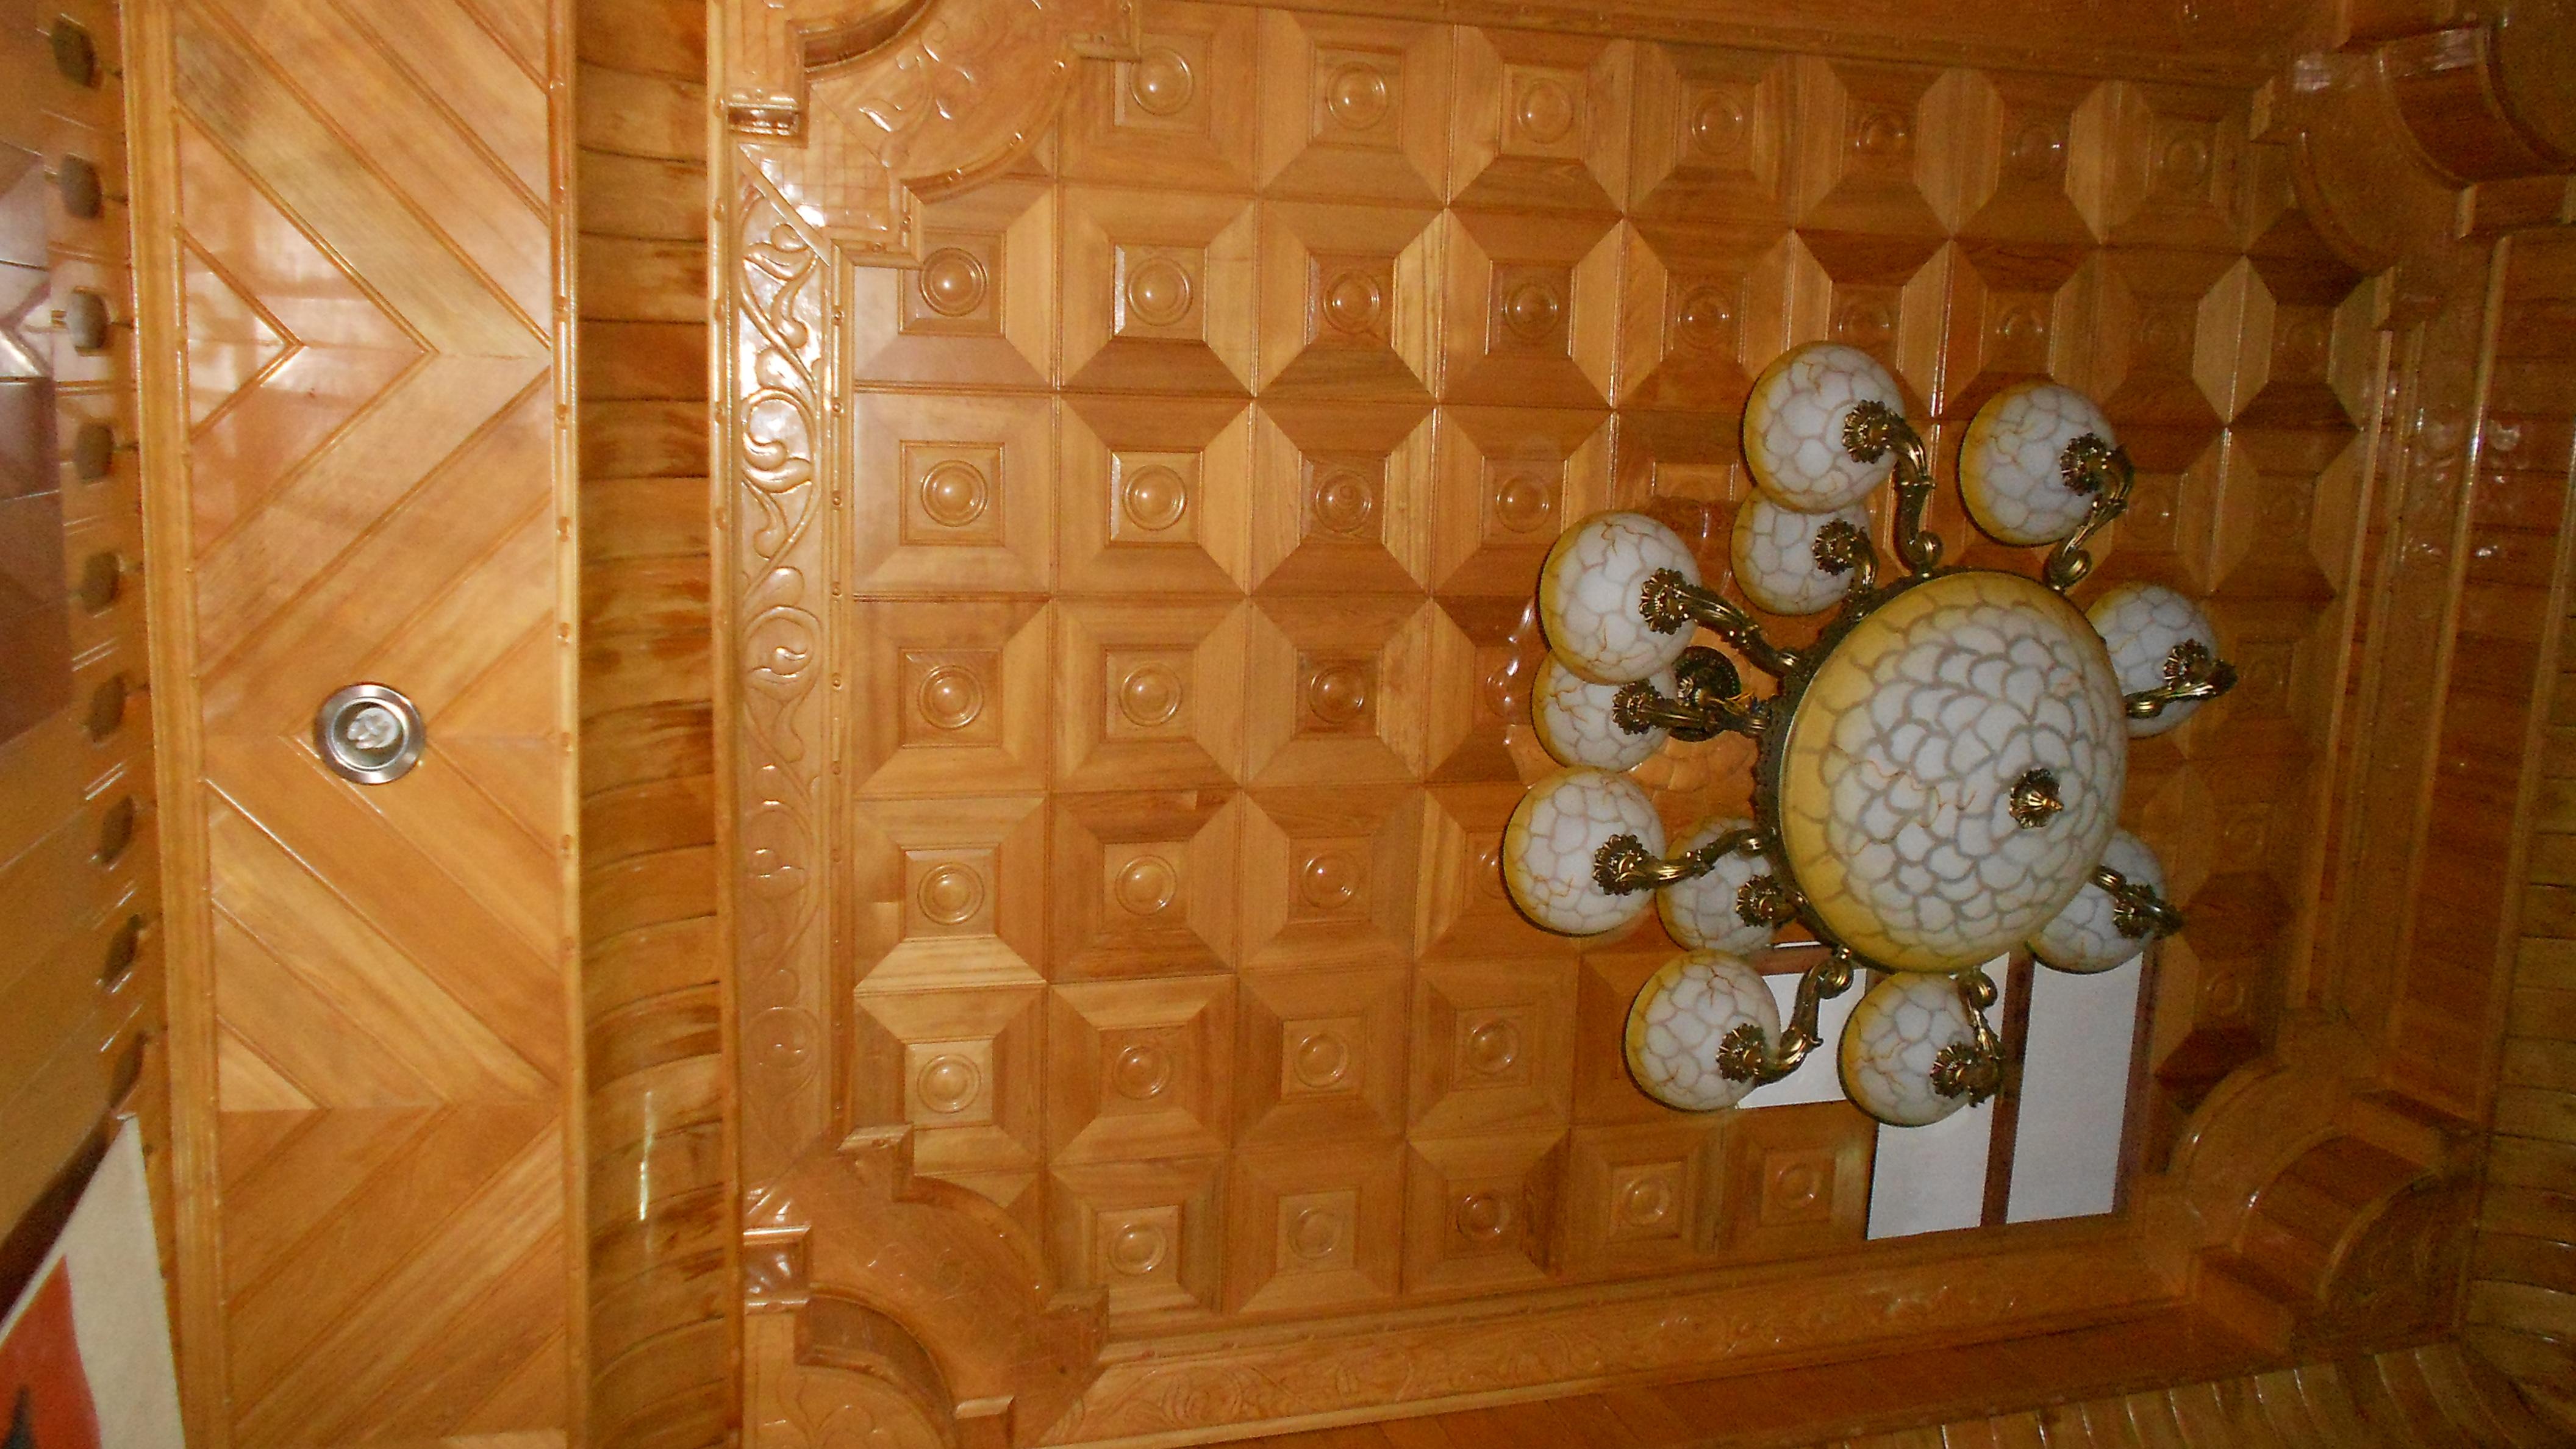 Trần gỗ Pơmu nhà anh Đạt, địa chỉ Hoàng Cầu-Hà Nội